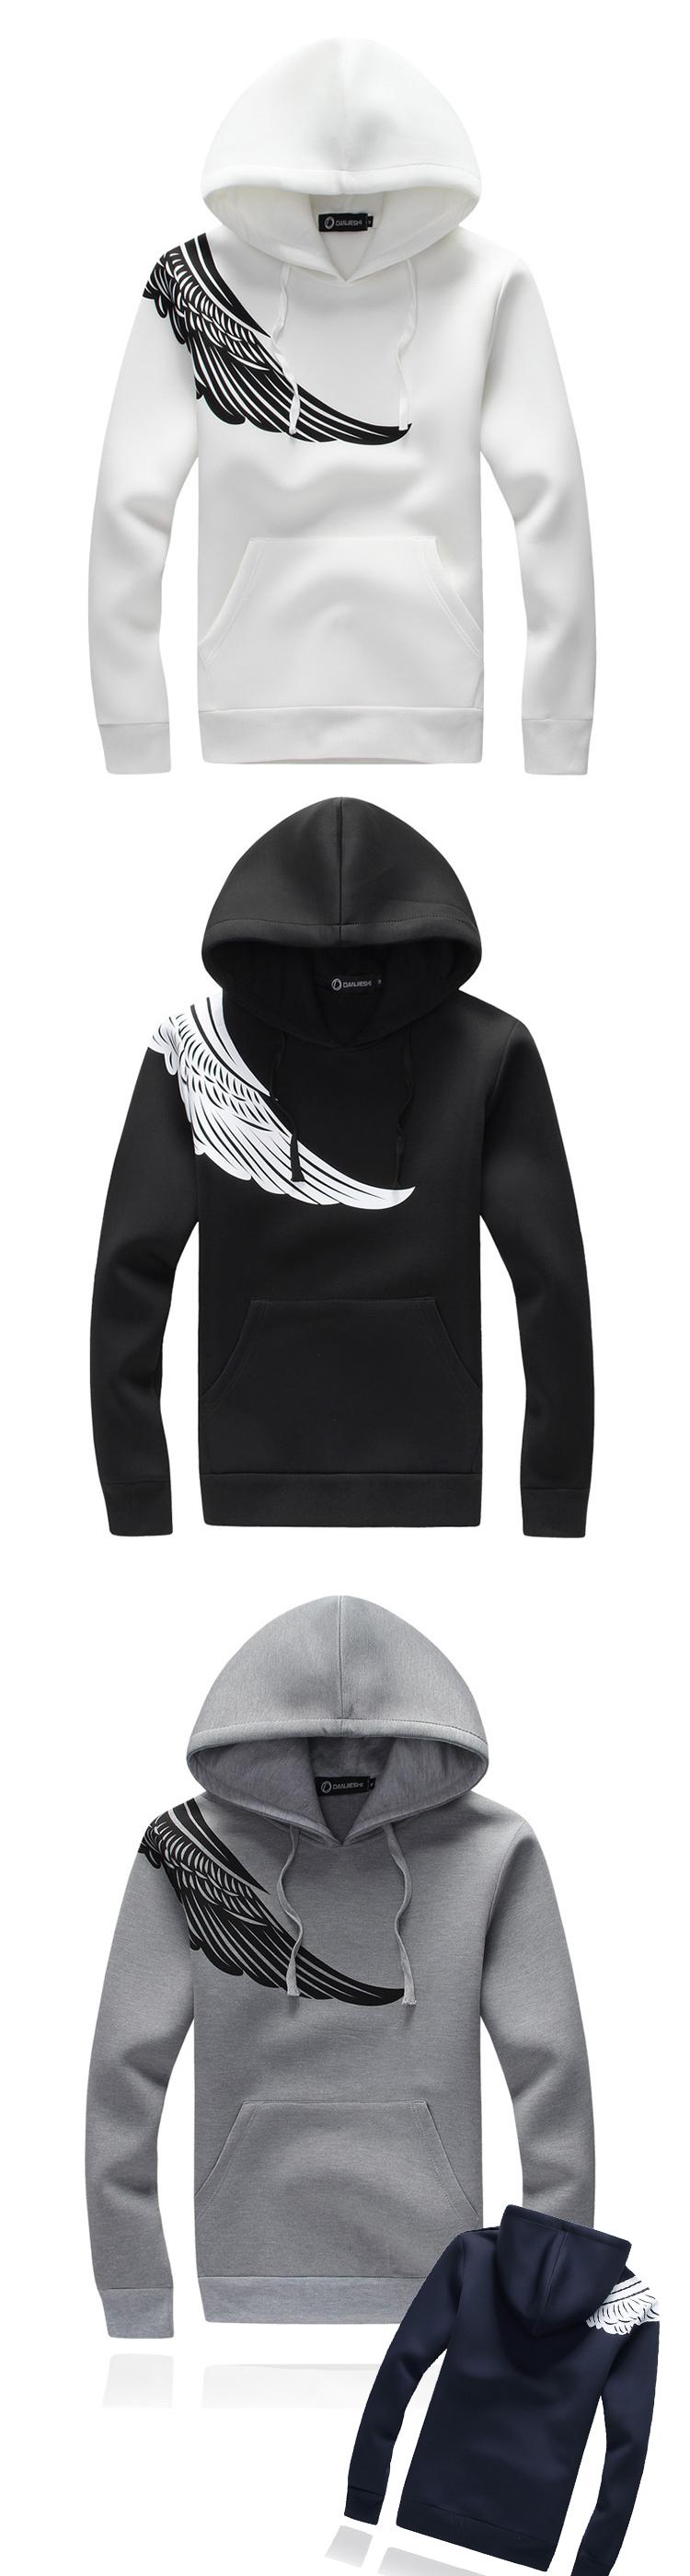 ◆快速出貨◆刷毛T恤 連帽刷毛 情侶T恤 暖暖刷毛 MIT台灣製.連帽-肩膀天使翅膀【YS0430】可單買.艾咪E舖